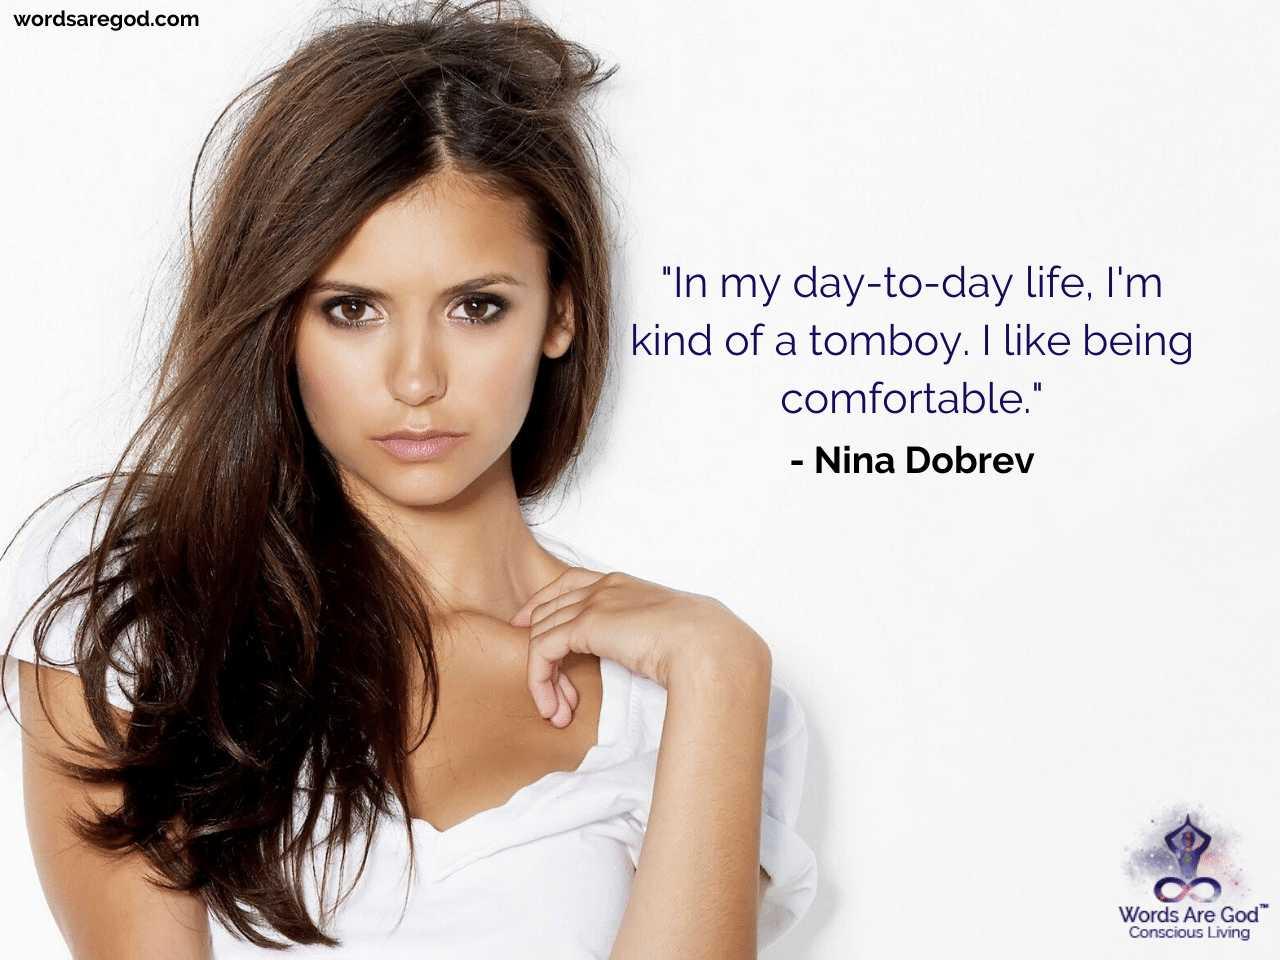 Nina Dobrev Life Quotes